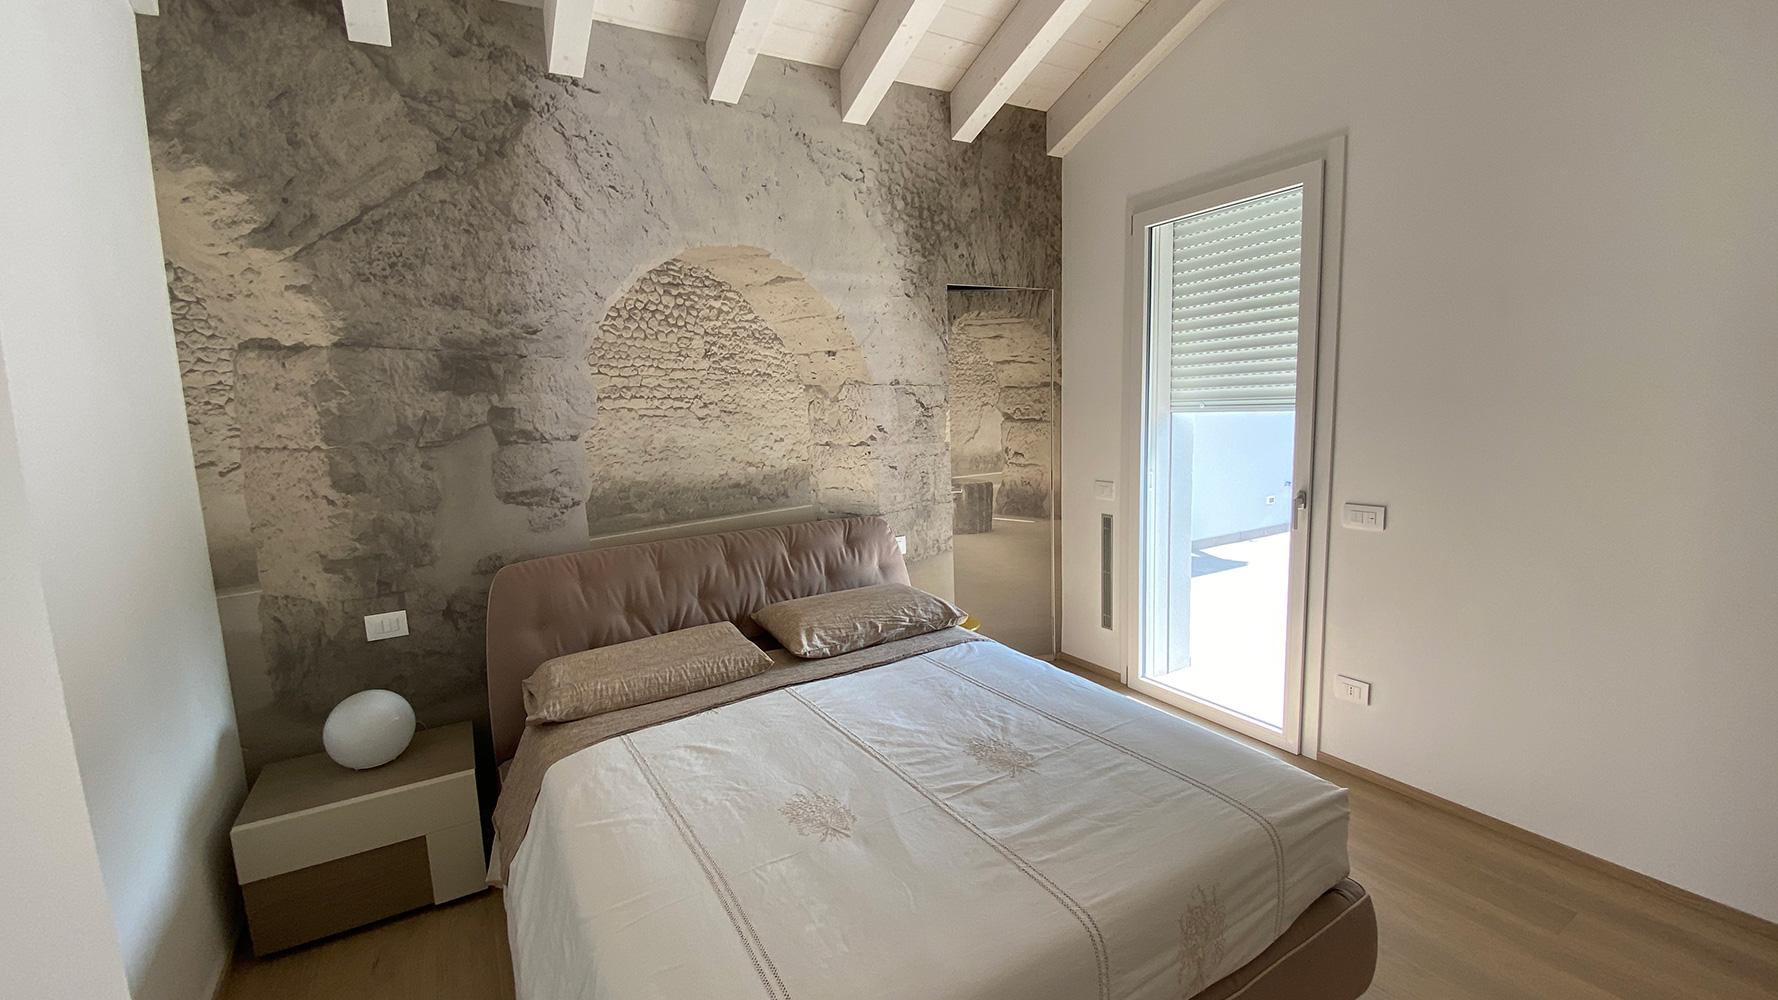 letto moderno casa verona arredamenti tosini